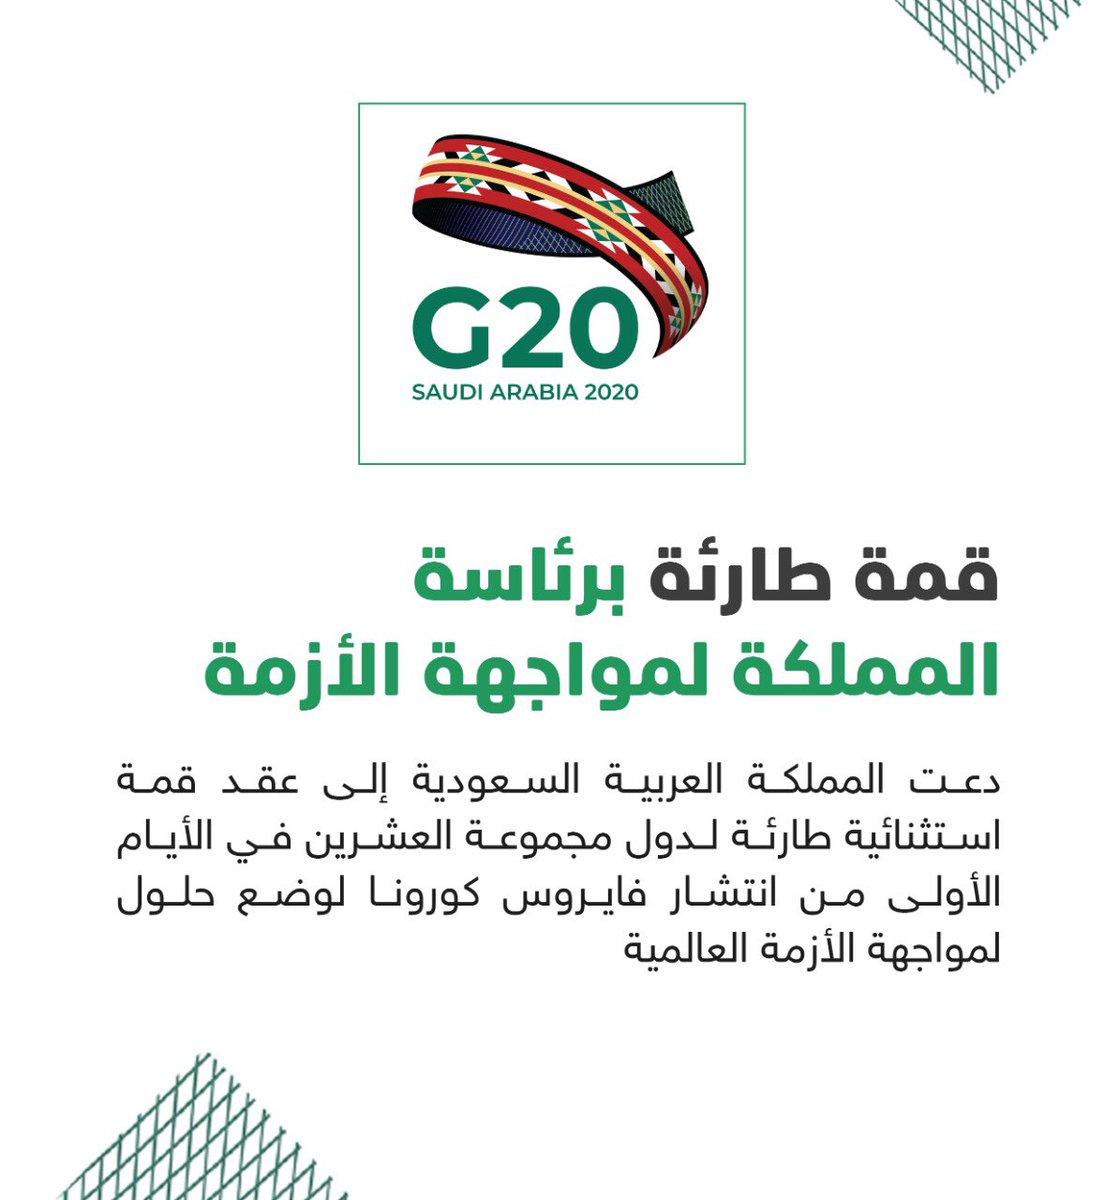 فخور باستضافة السعودية لمثل هذه القمة الأولى اقتصاديا على مستوى العالم، قمة في وضع استثنائي نجحنا بهذا التحدي. #نجاح_قمة_العشرين_بالسعودية